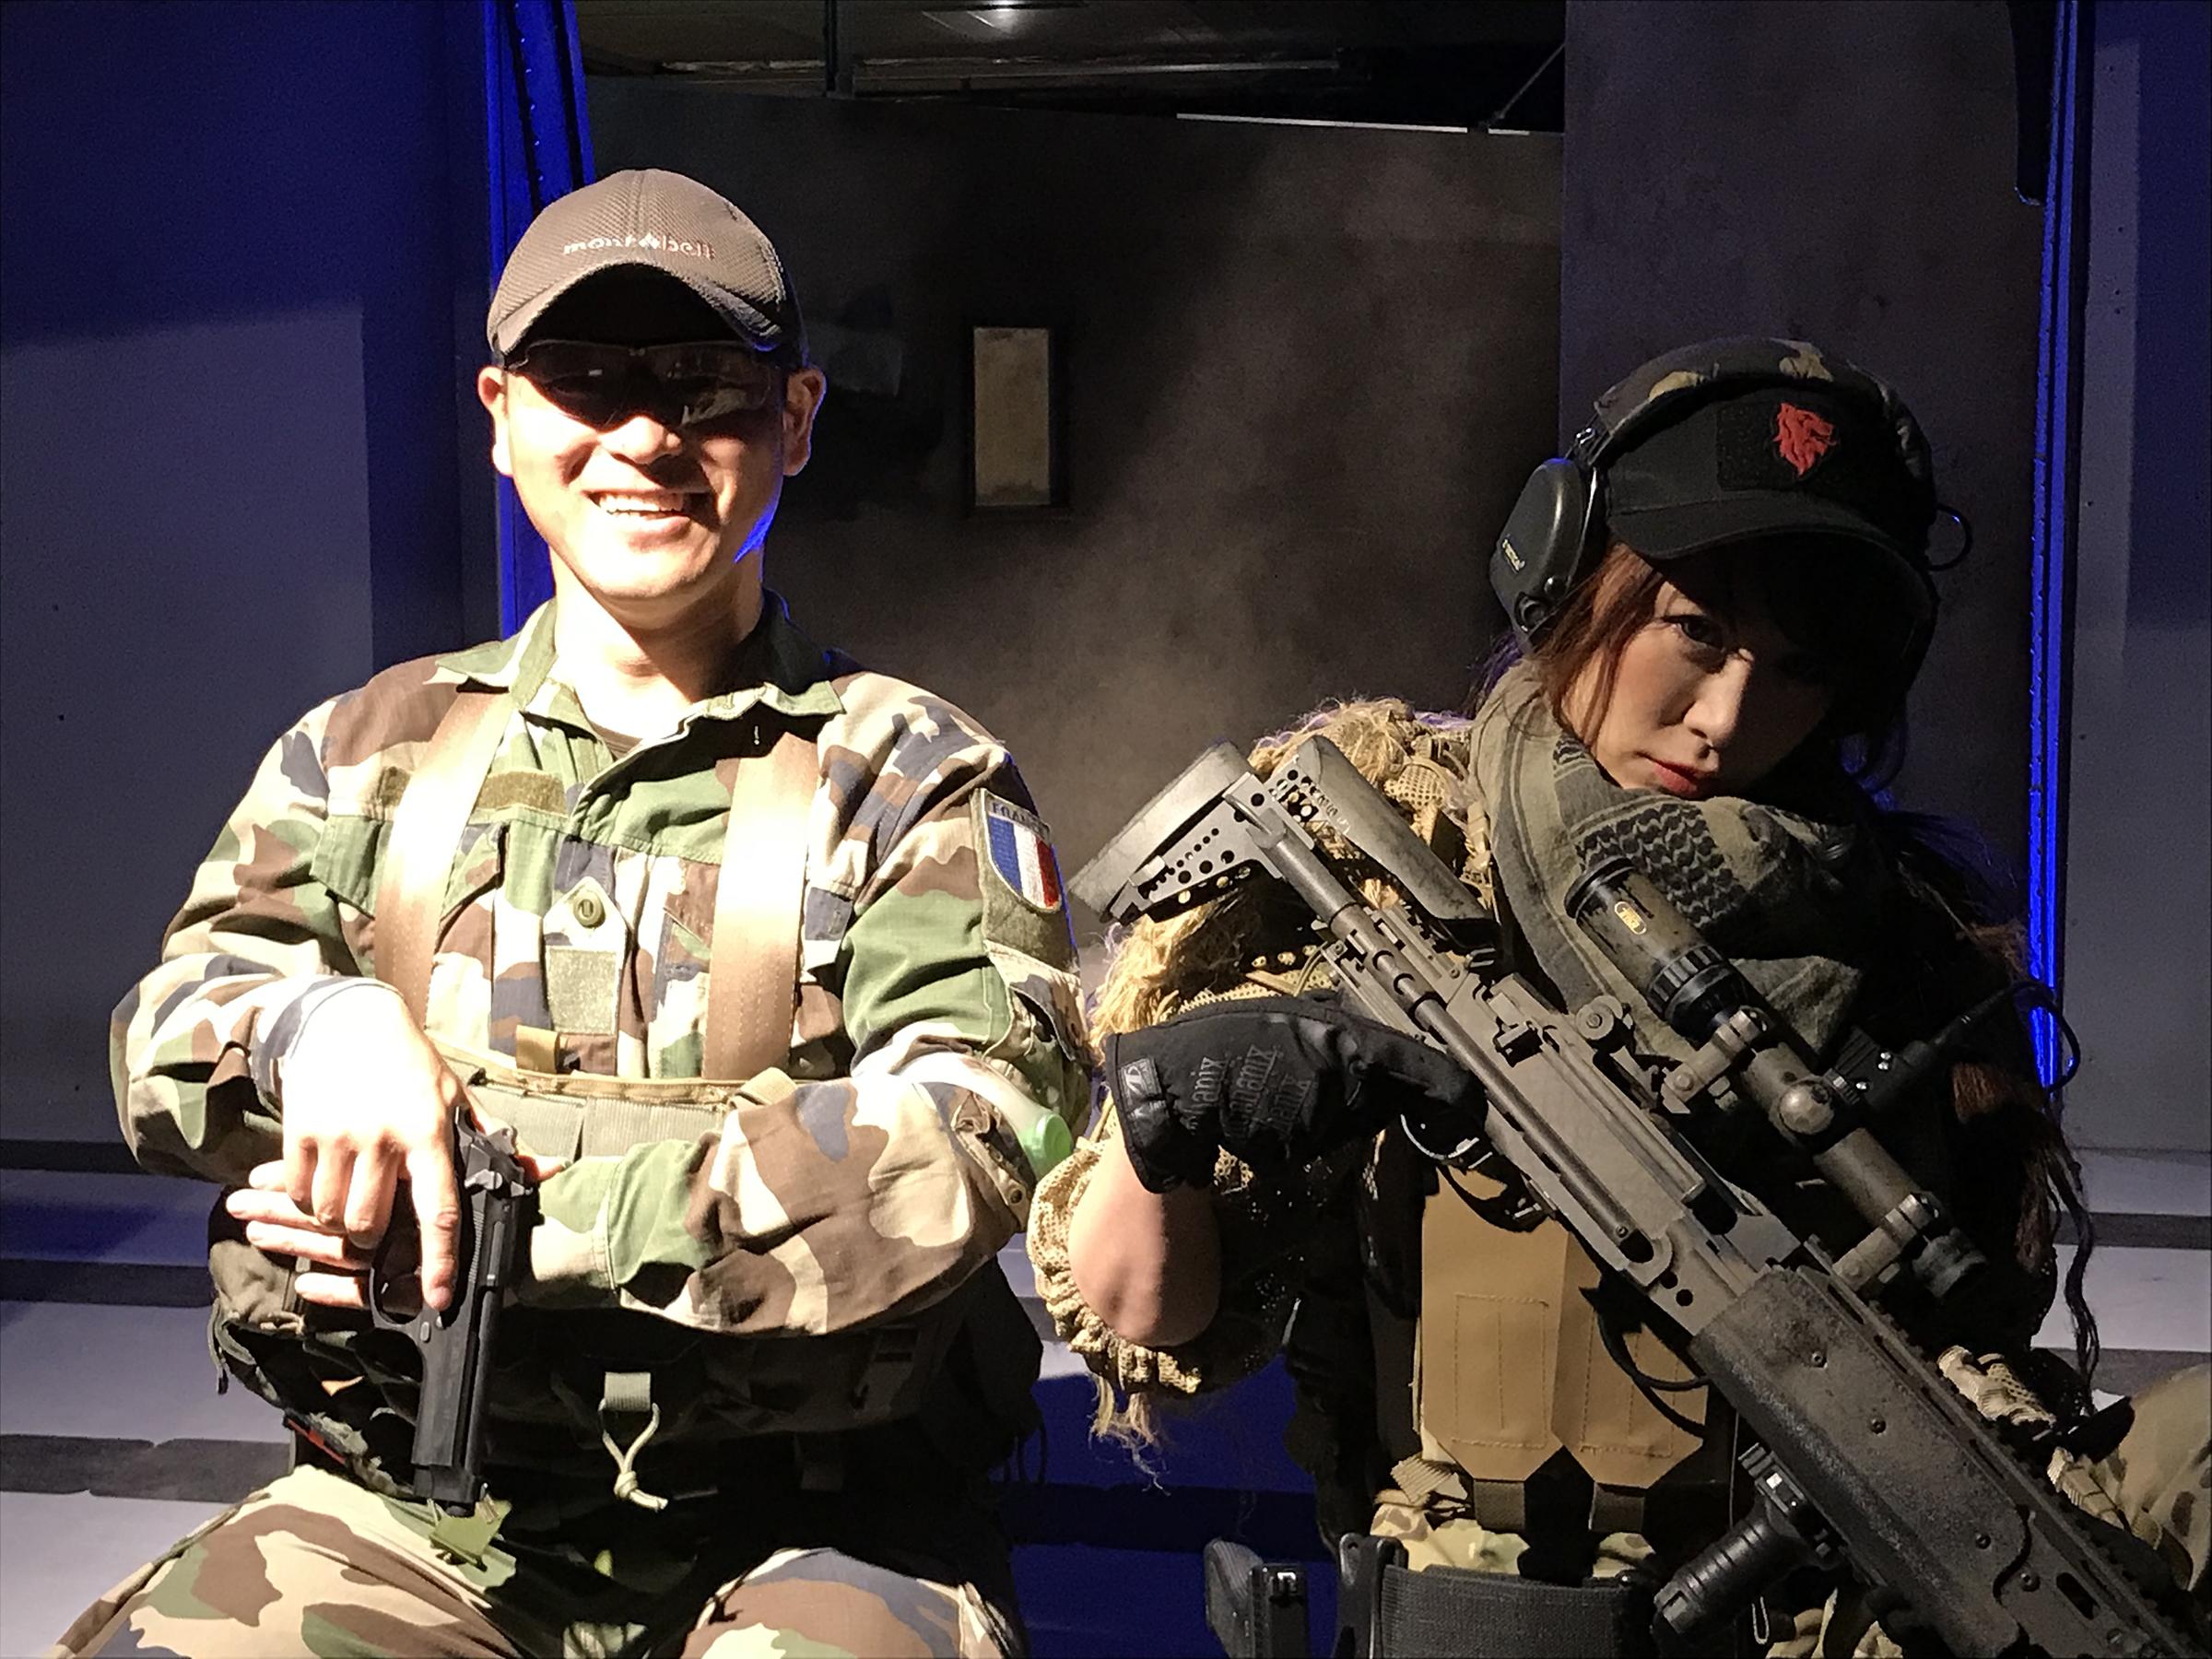 元フランス外人部隊の野田力さん(画像左)、声優の戦え!!ぴっちょりーな☆さん(画像右)